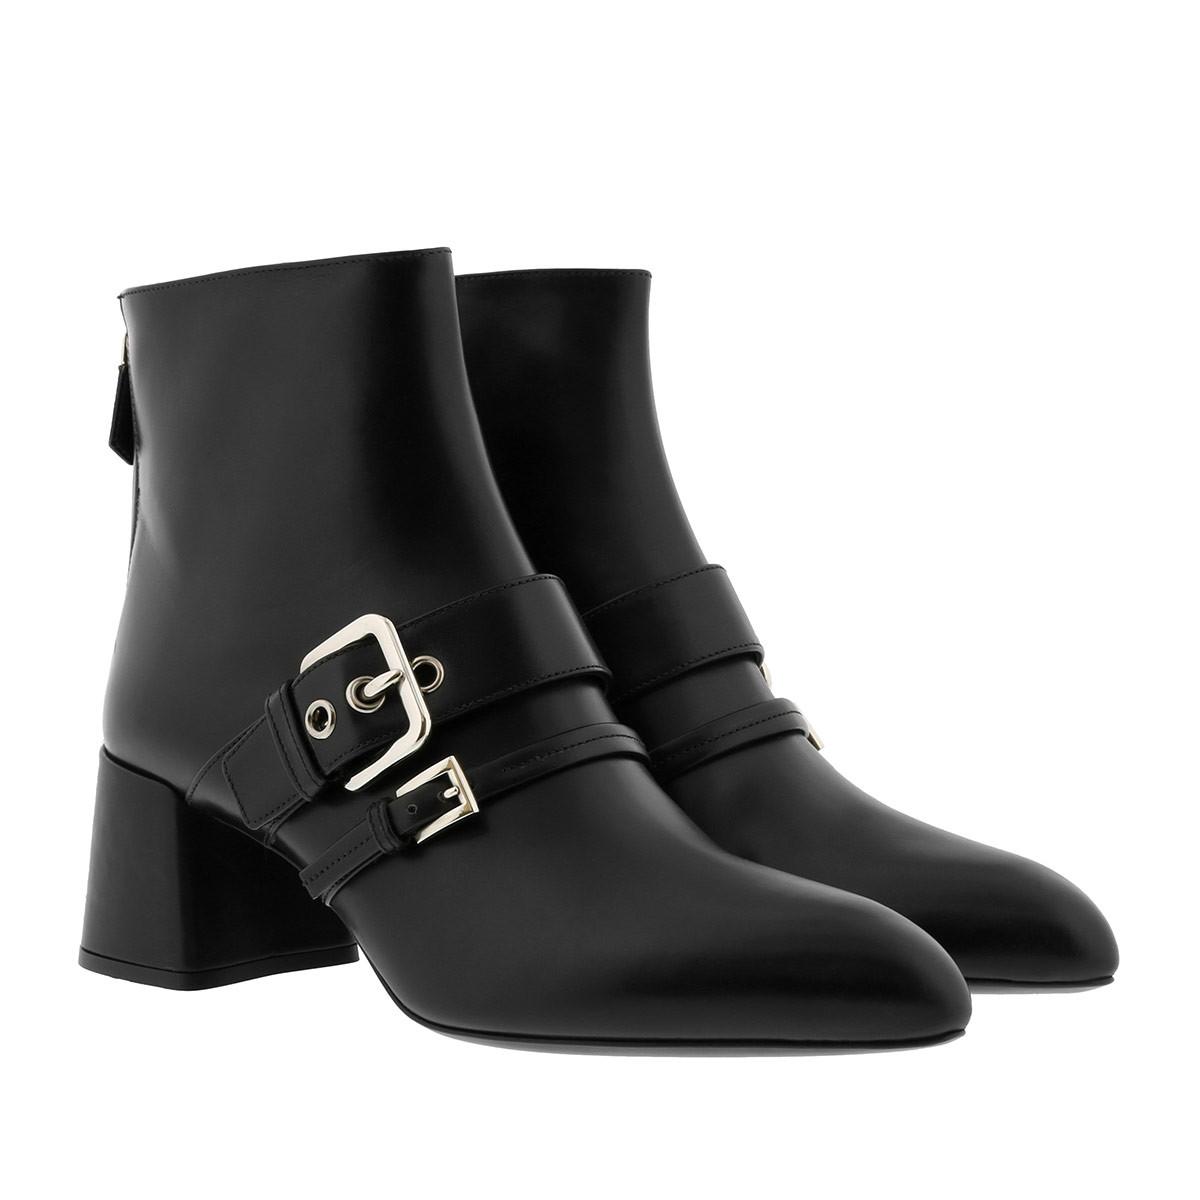 Prada Boots - Pointed Toe Ankle Boots Leather Black - in schwarz - für Damen